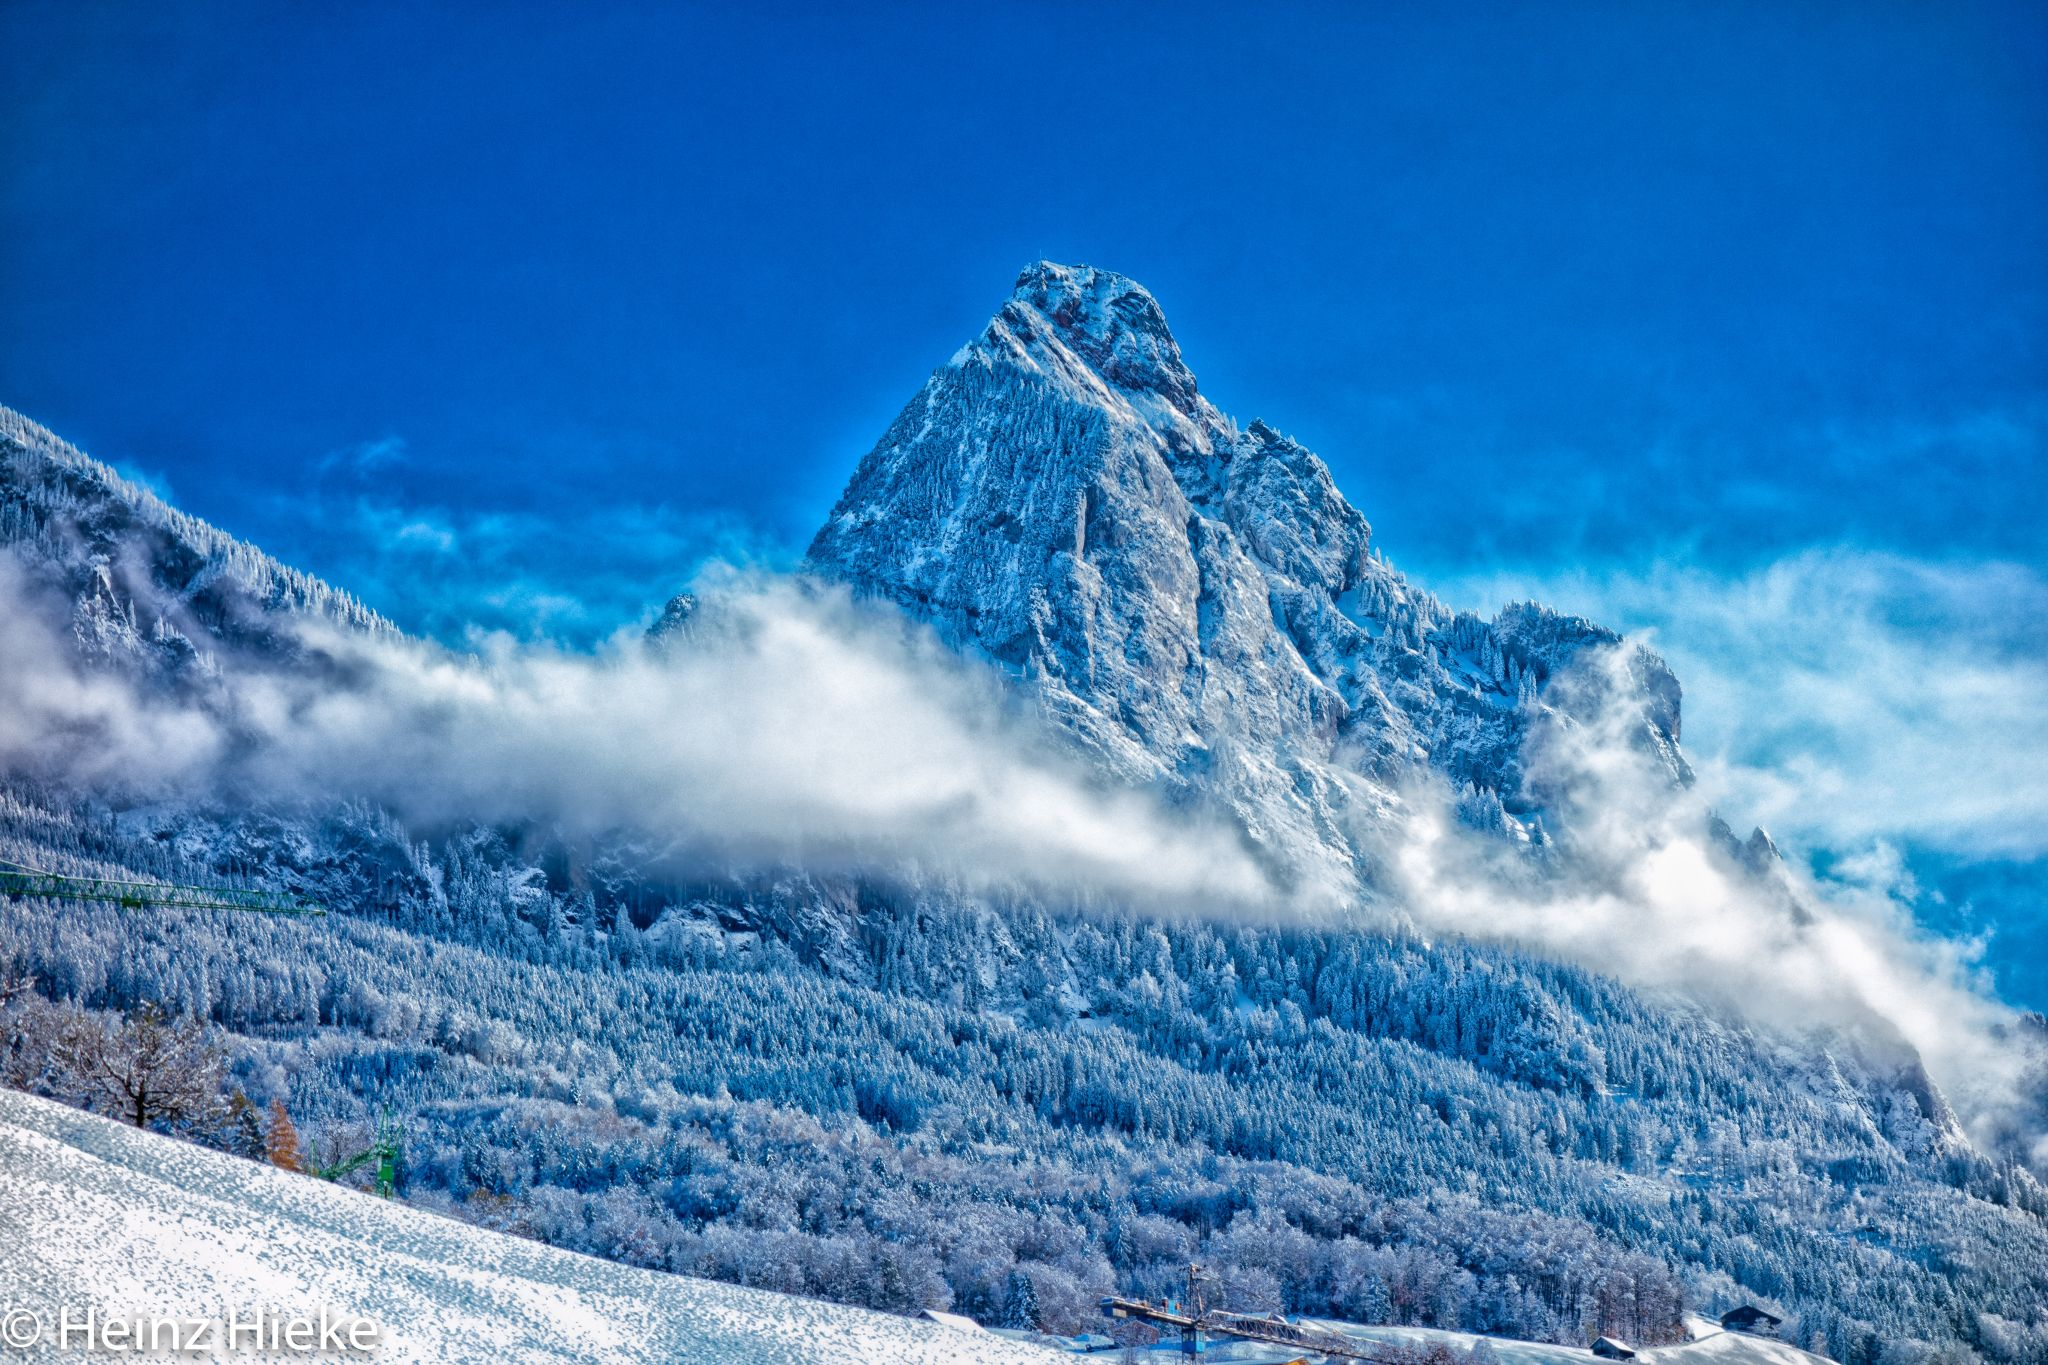 Mythenblick, Switzerland